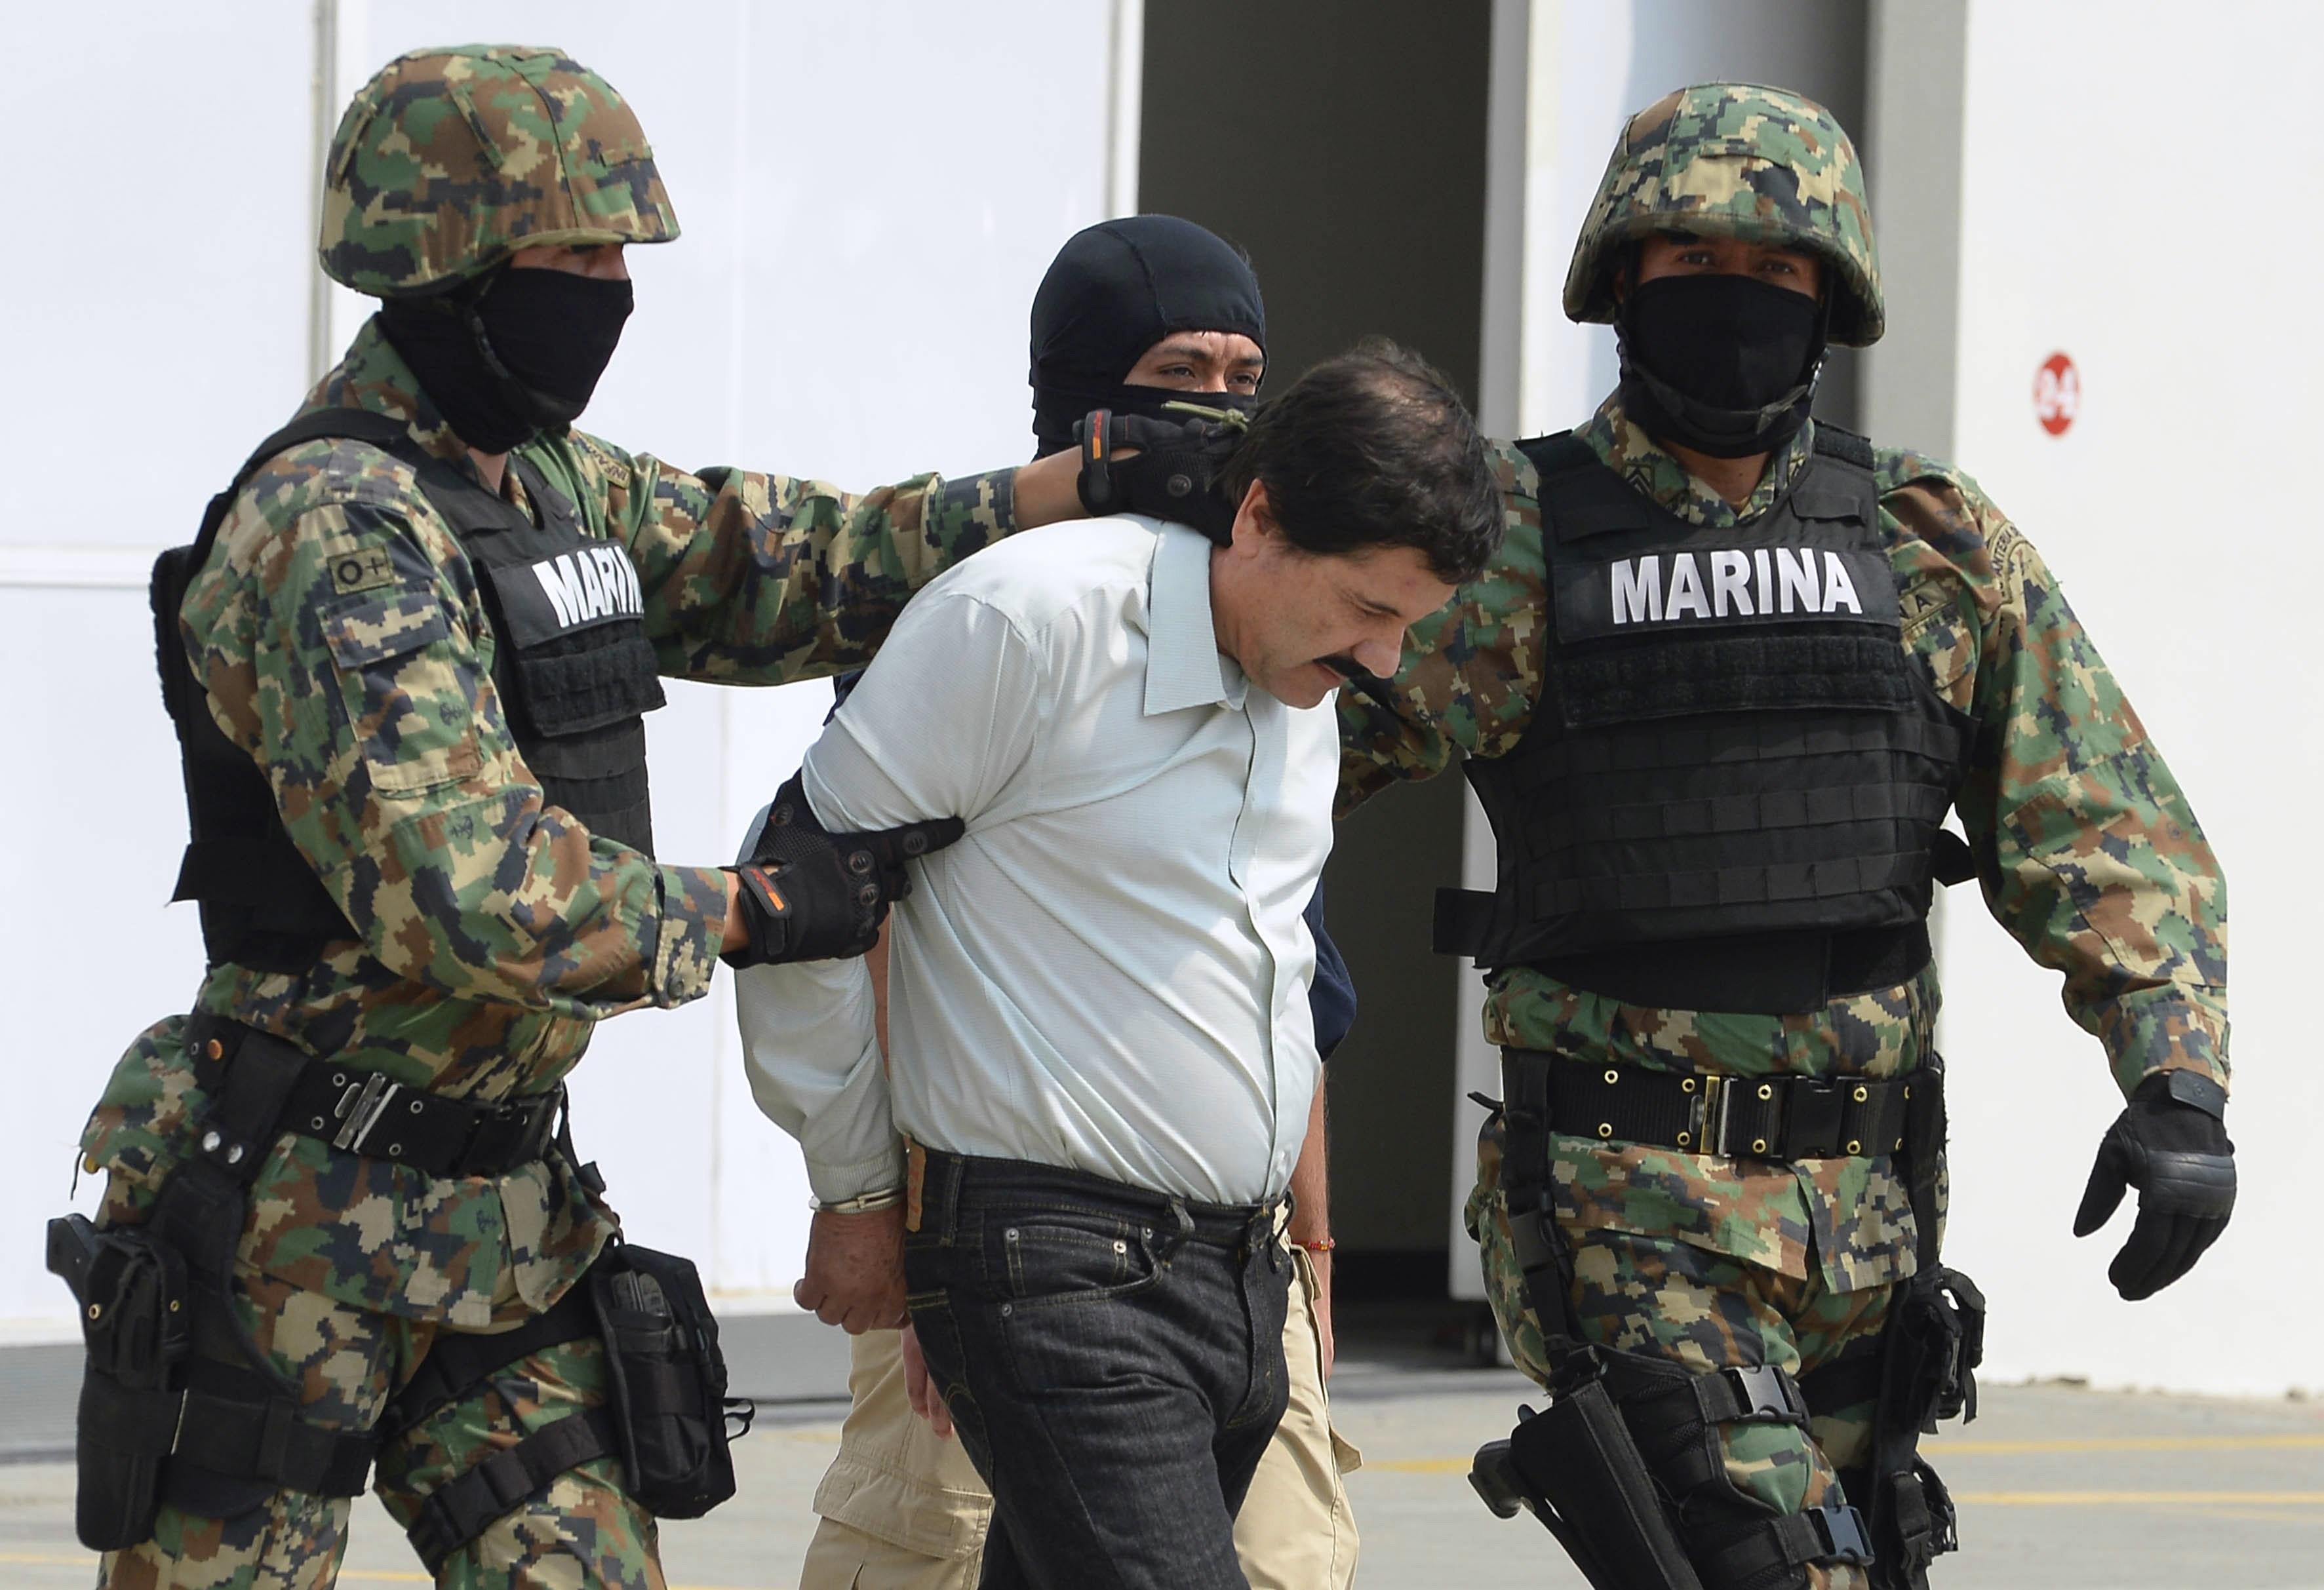 Cel mai cautat baron al drogurilor din lume a fost arestat in Mexic. Cine este Joaquin Guzman Loera, seful cartelului Sinaloa